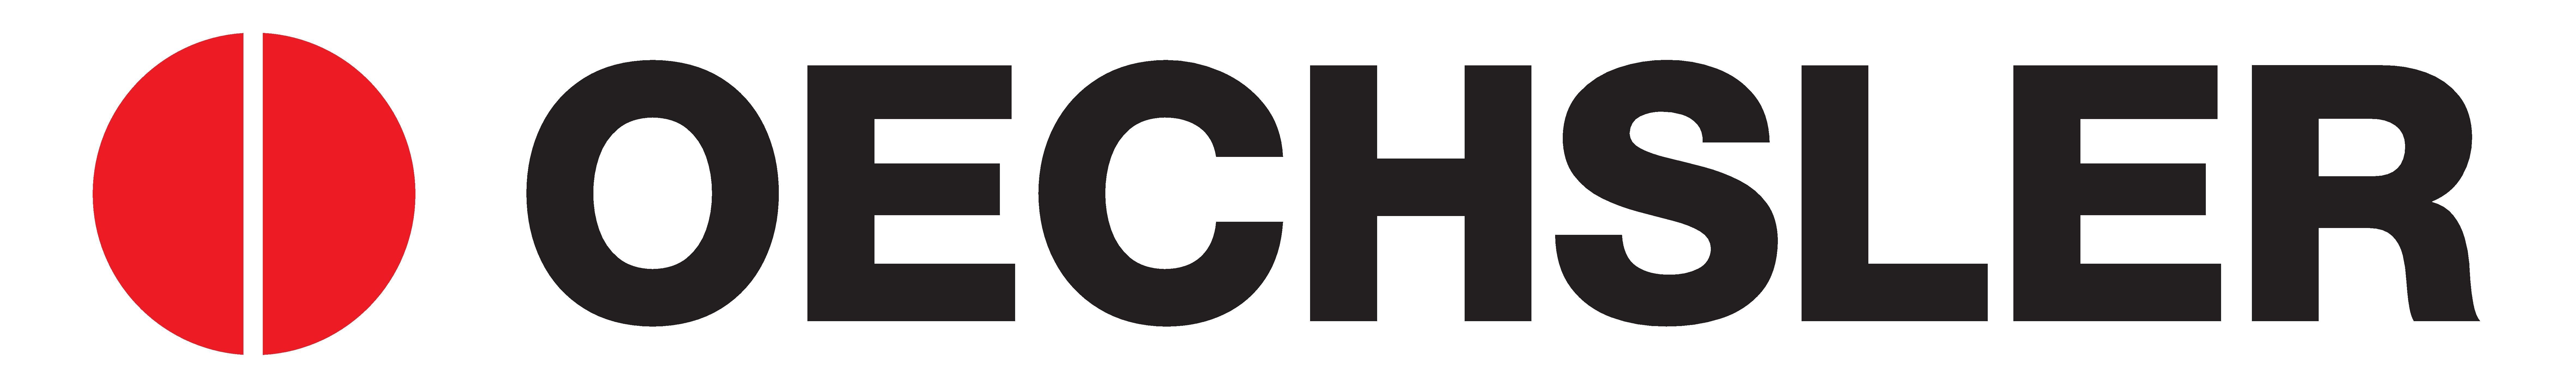 https://www.oechsler.com/